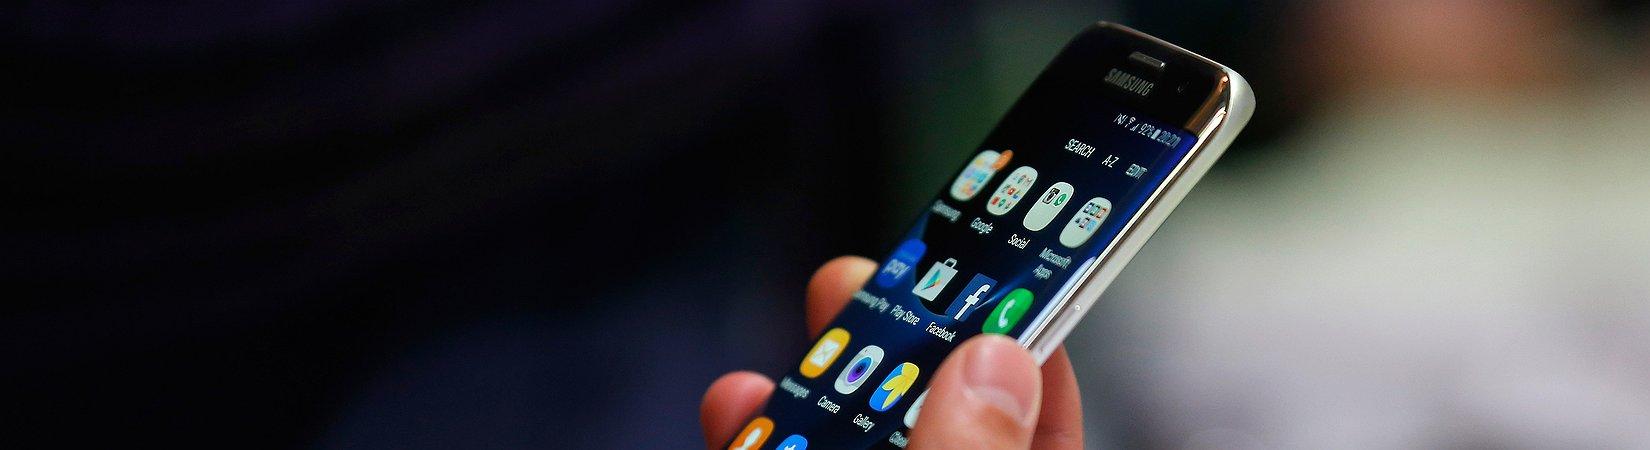 8 cosas que el Samsung Galaxy S8 debe tener para competir con el éxito del iPhone